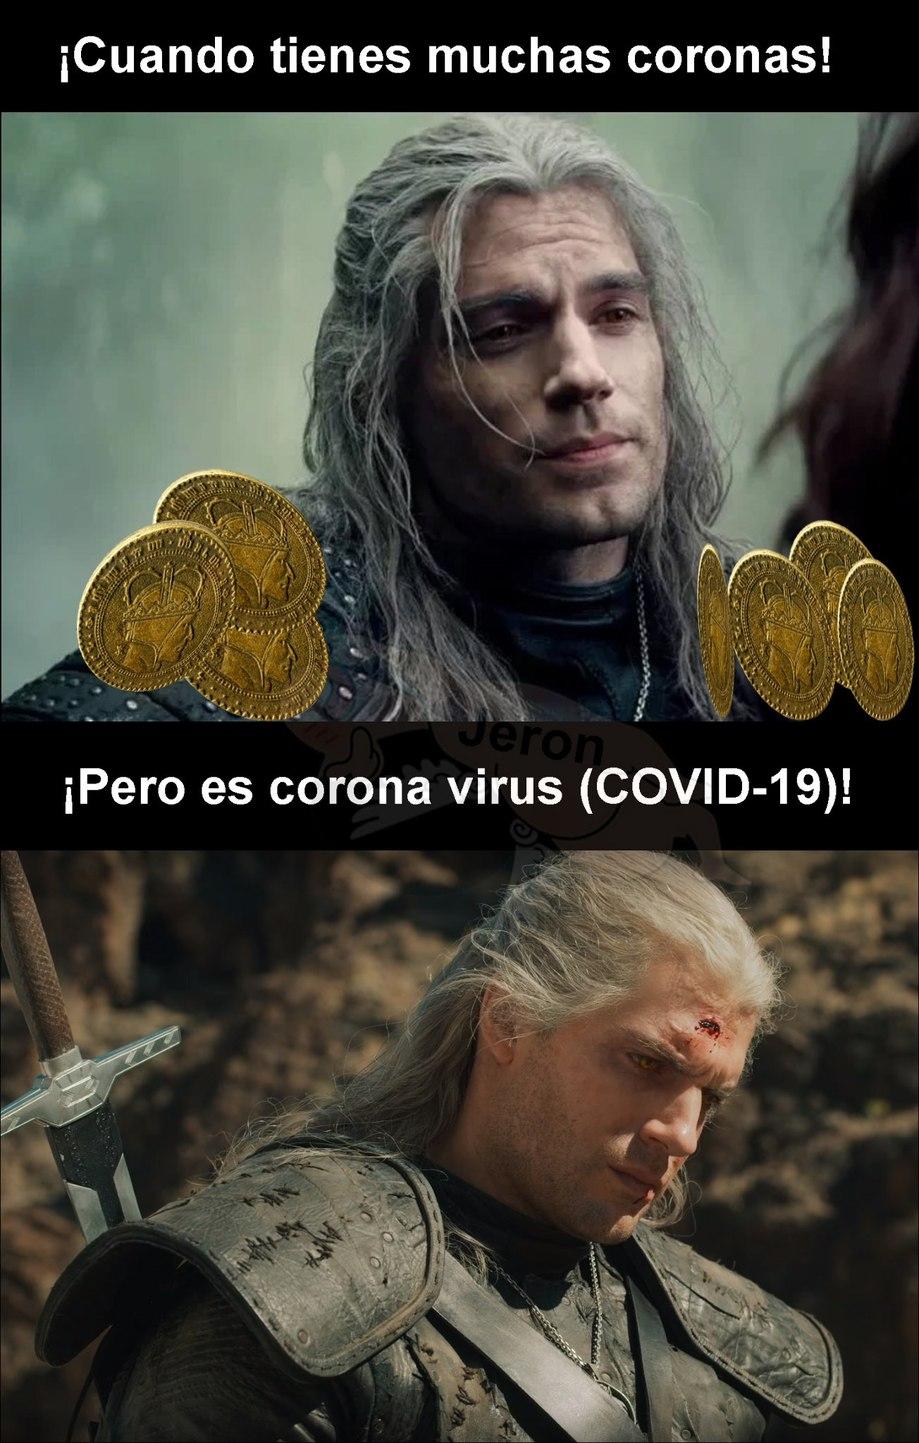 Geralt consiguiendo coronas.......Esas no son las coronas que tiene Geralt......<3 UAL......Corona Virus al acecho.....Viva Geralt - meme